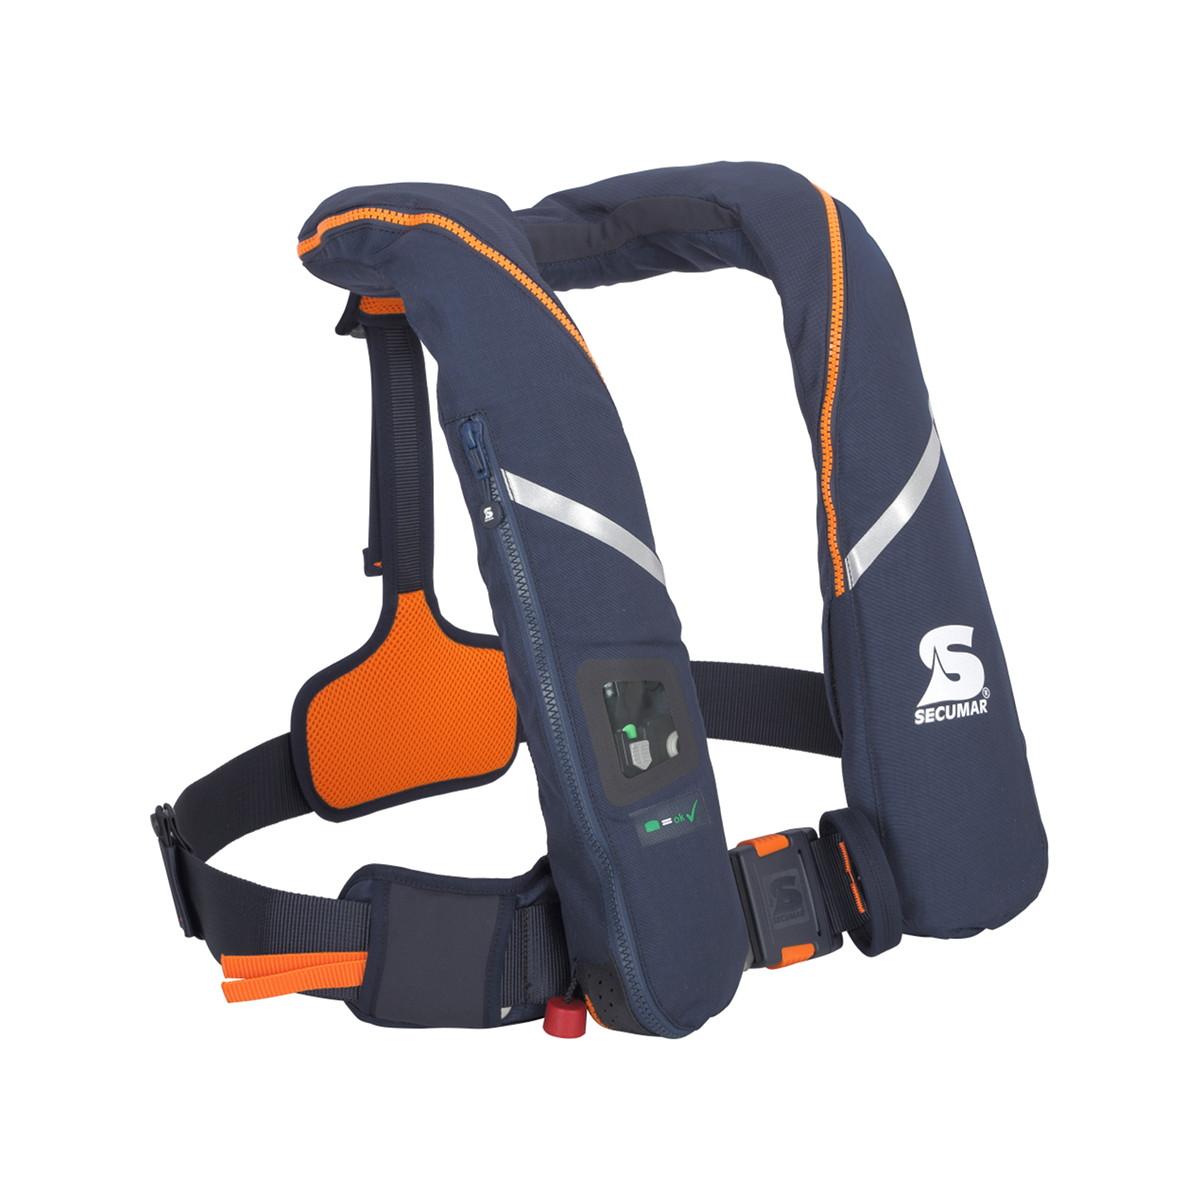 Secumar Survival 275 Duo Protect reddingsvest 280N